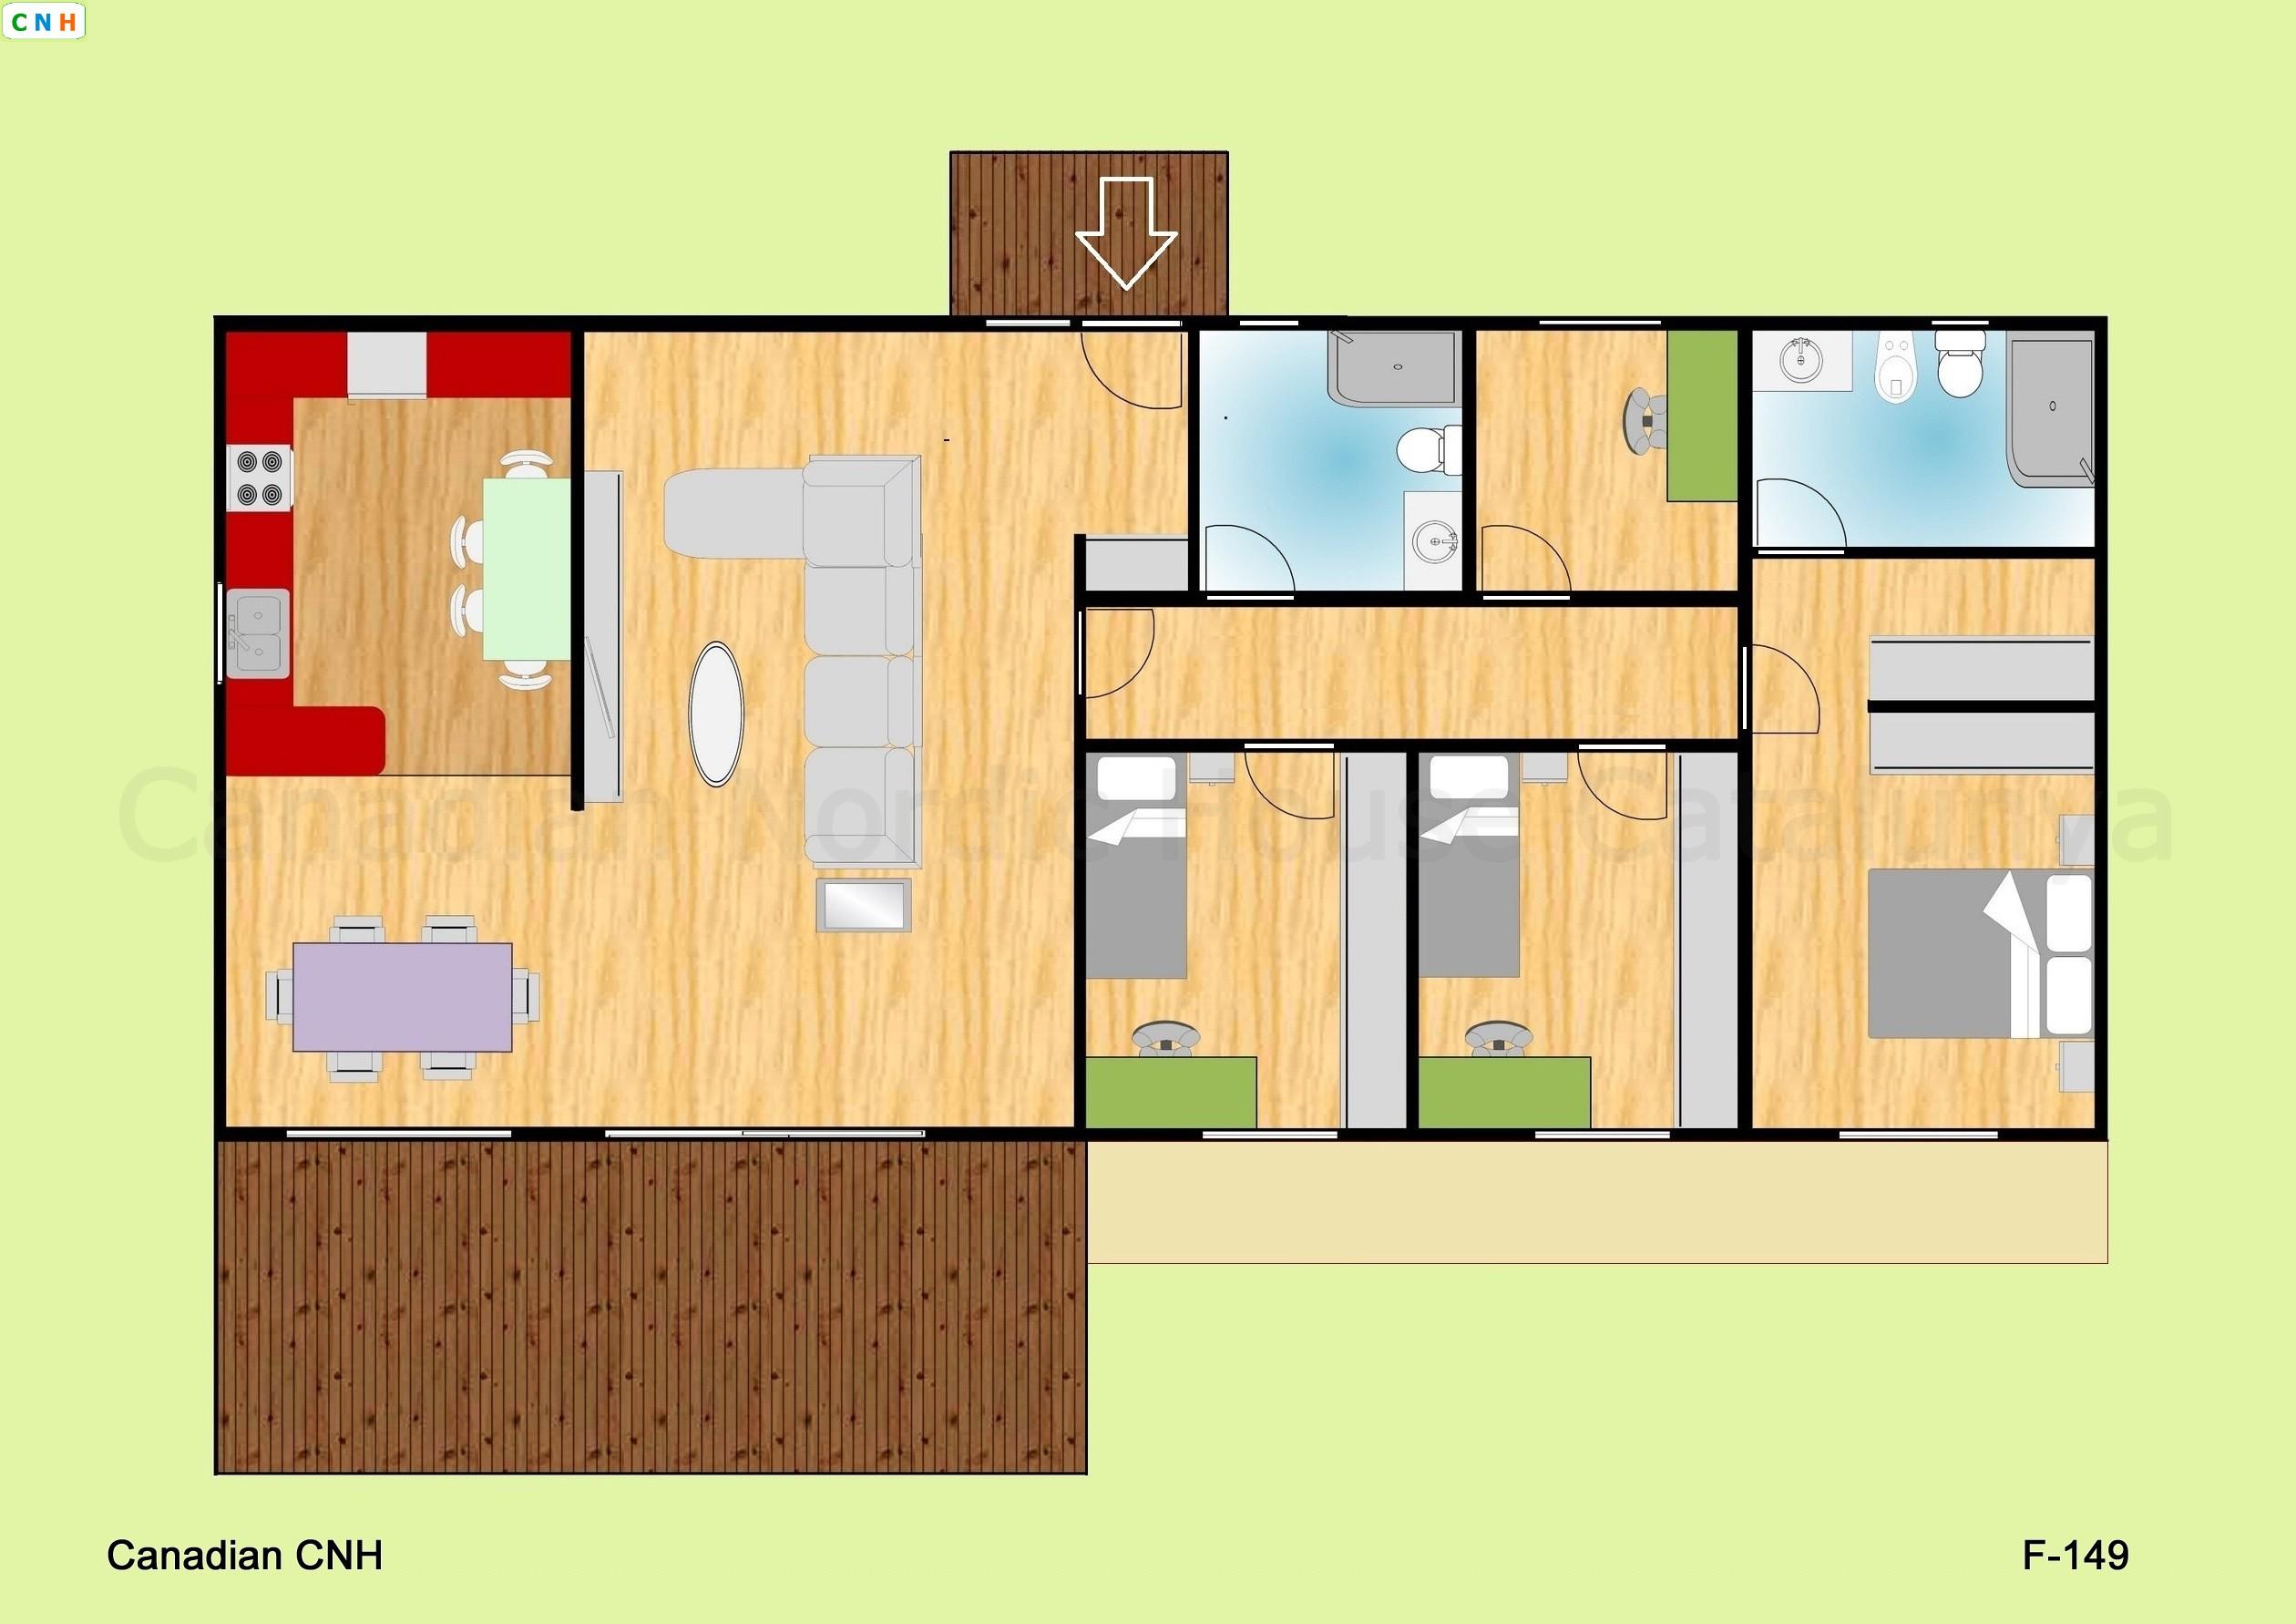 3 habitaciones 4 habitaciones - Construcciones de casas de madera ...